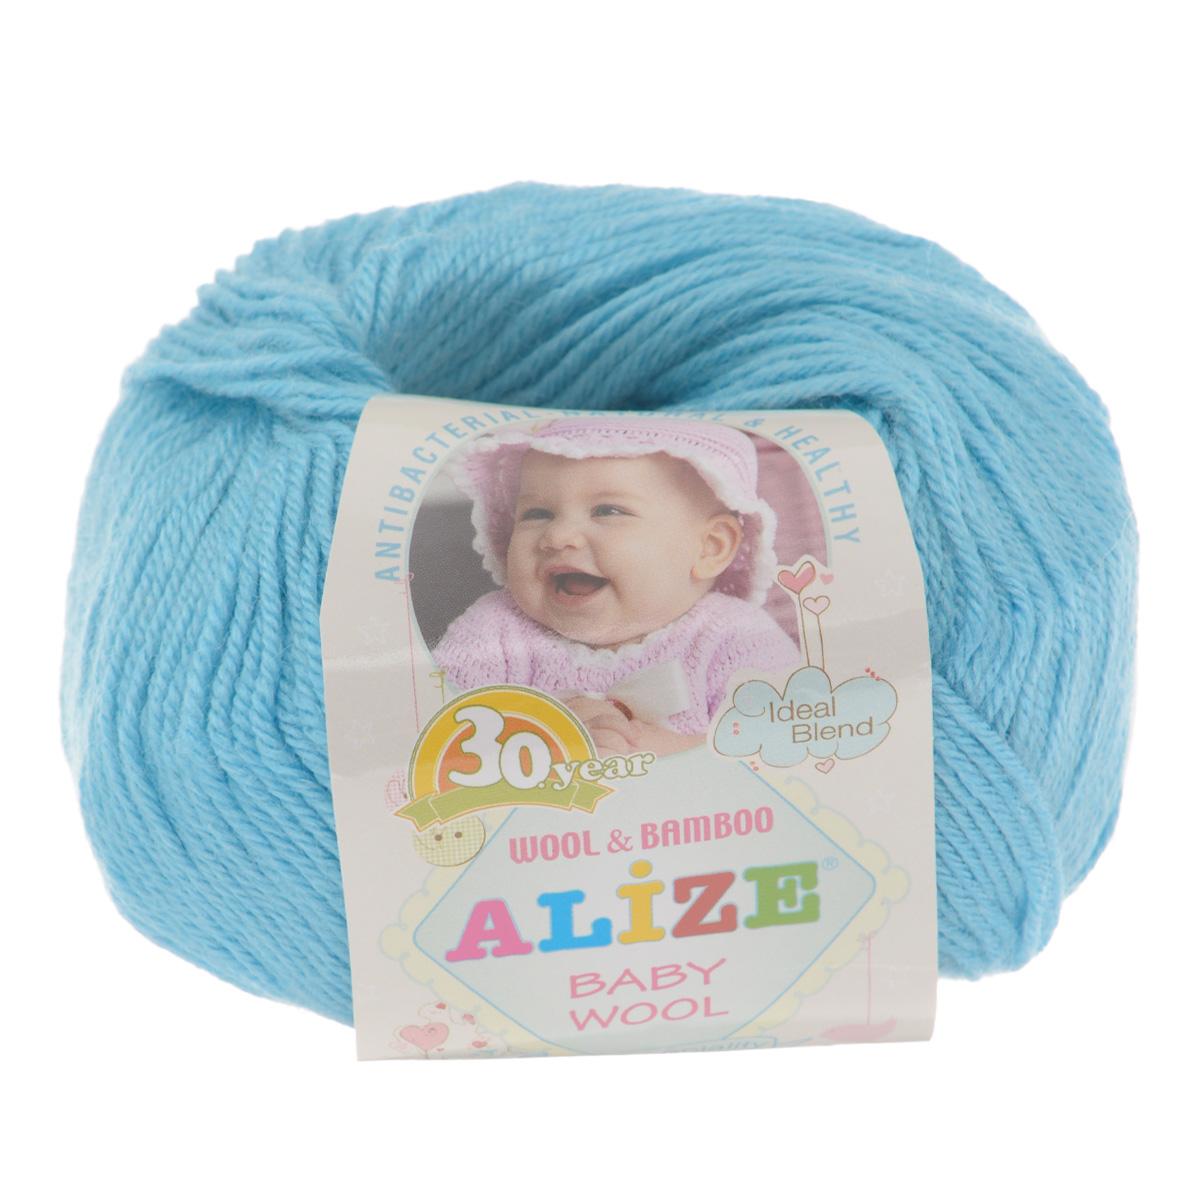 Пряжа для вязания Alize Baby Wool, цвет: голубой (128), 175 м, 50 г, 10 шт686501_128Детская пряжа для вязания Alize Baby Wool изготовлена из очень мягкой и высококачественной натуральной шерсти и бамбука. Из пряжи Baby Wool получается тонкий, но очень теплый трикотаж для ребенка. Акрил в составе нитей допускает легкую машинную стирку вещей. Цветовая палитра включает в себя комбинации, которые подходят как для мальчиков, так и для девочек. Рекомендуемые для вязания спицы 2,5-4 мм и крючки 1-3 мм. Состав: 40% шерсть, 40% акрил, 20% бамбук.